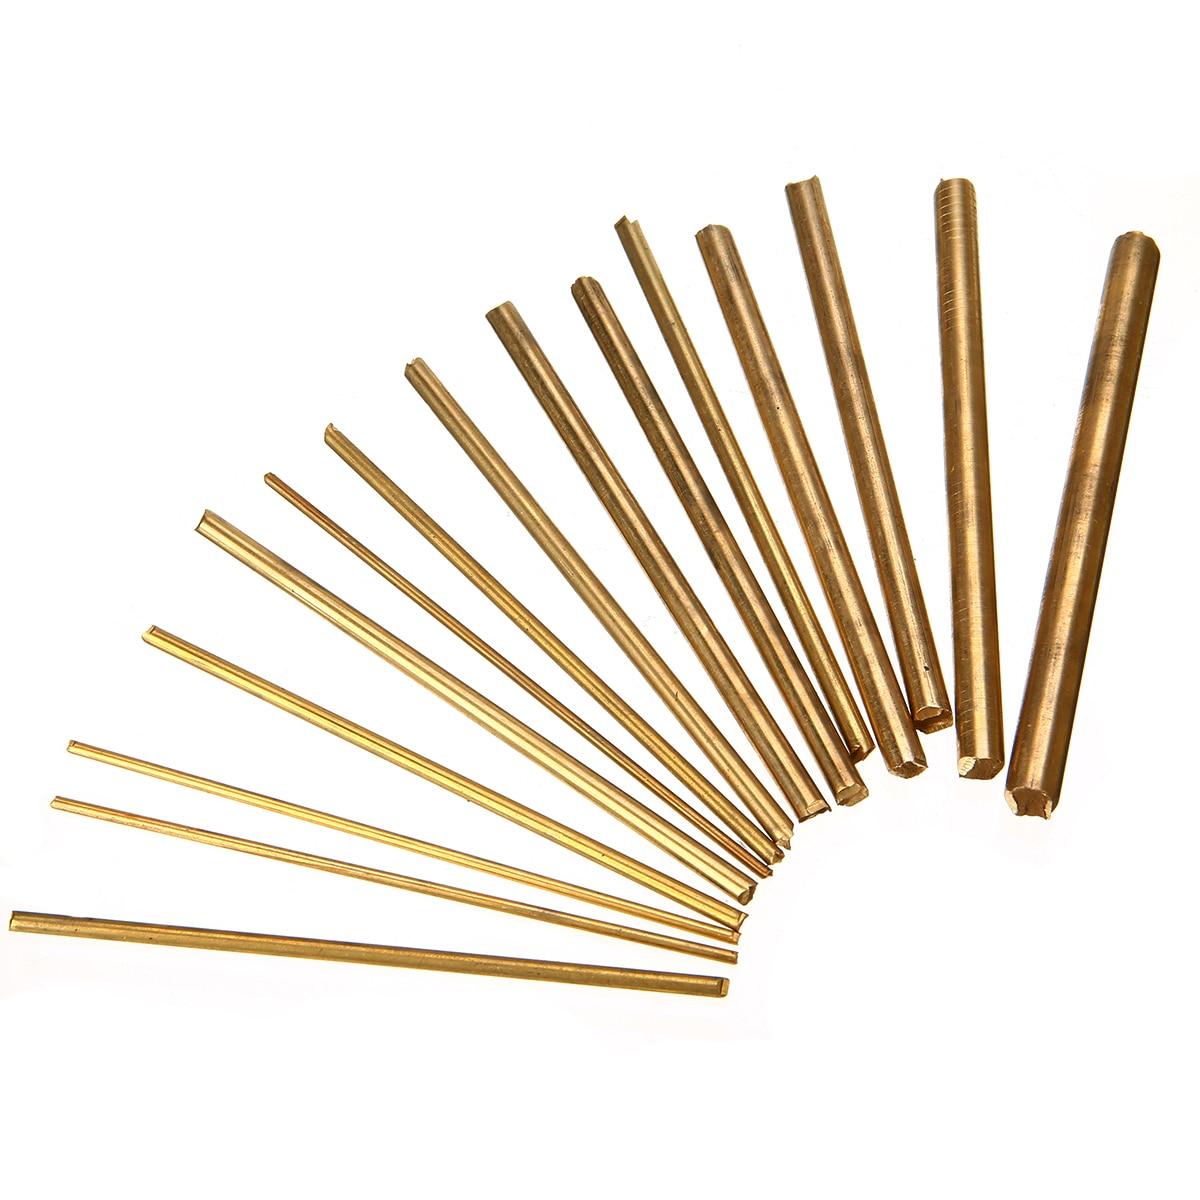 15 pçs de cobre latão redondo hastes eixos barra relógio torno ferramenta artesanato peças mayitr para diy artesanato fazendo 100mm comprimento